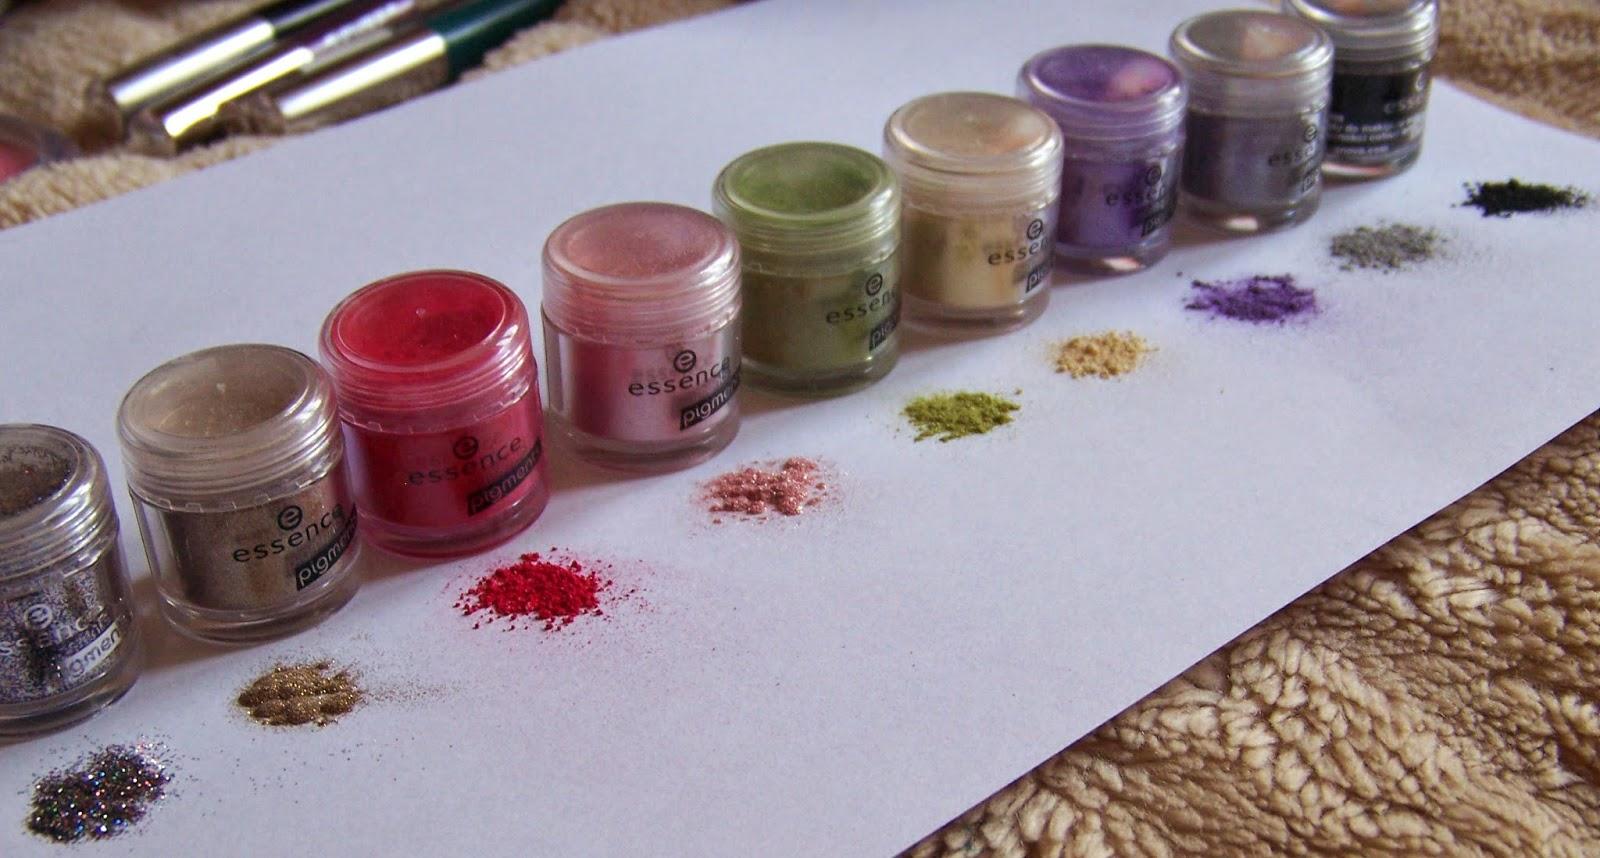 Kolorowe pigmenty Essence: swatche 9 kolorów